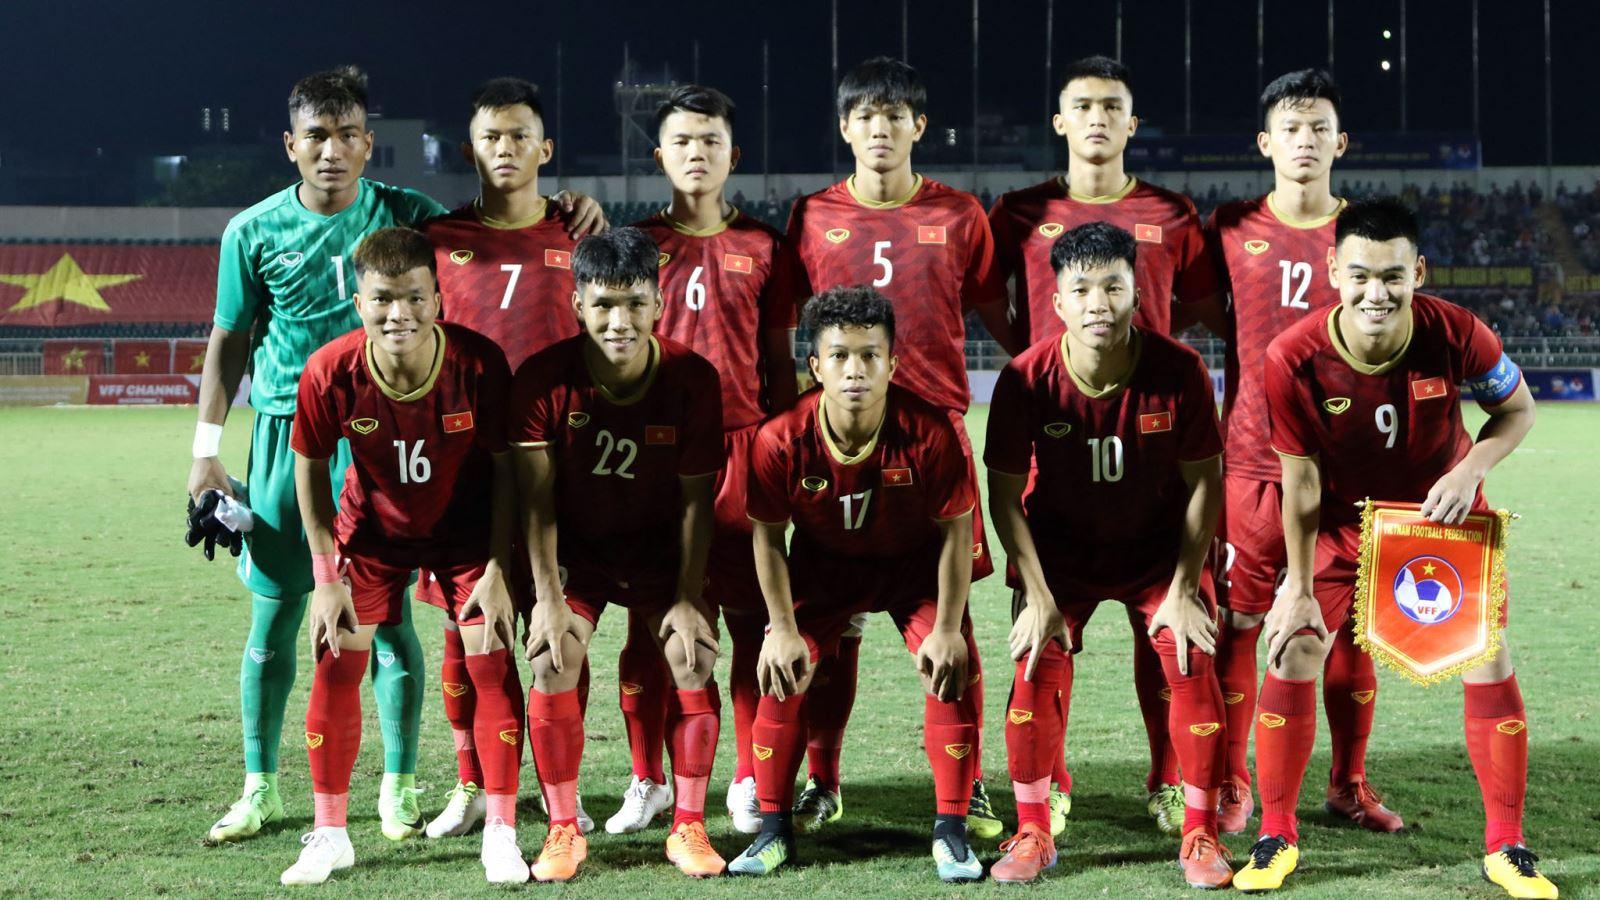 U18 Việt Nam vs U18 Thái Lan, trực tiếp bóng đá, U18 Đông Nam Á, truc tiep bong da hôm nay, U18 Việt Nam đấu với Thái Lan, xem bóng đá trực tuyến, VTV6